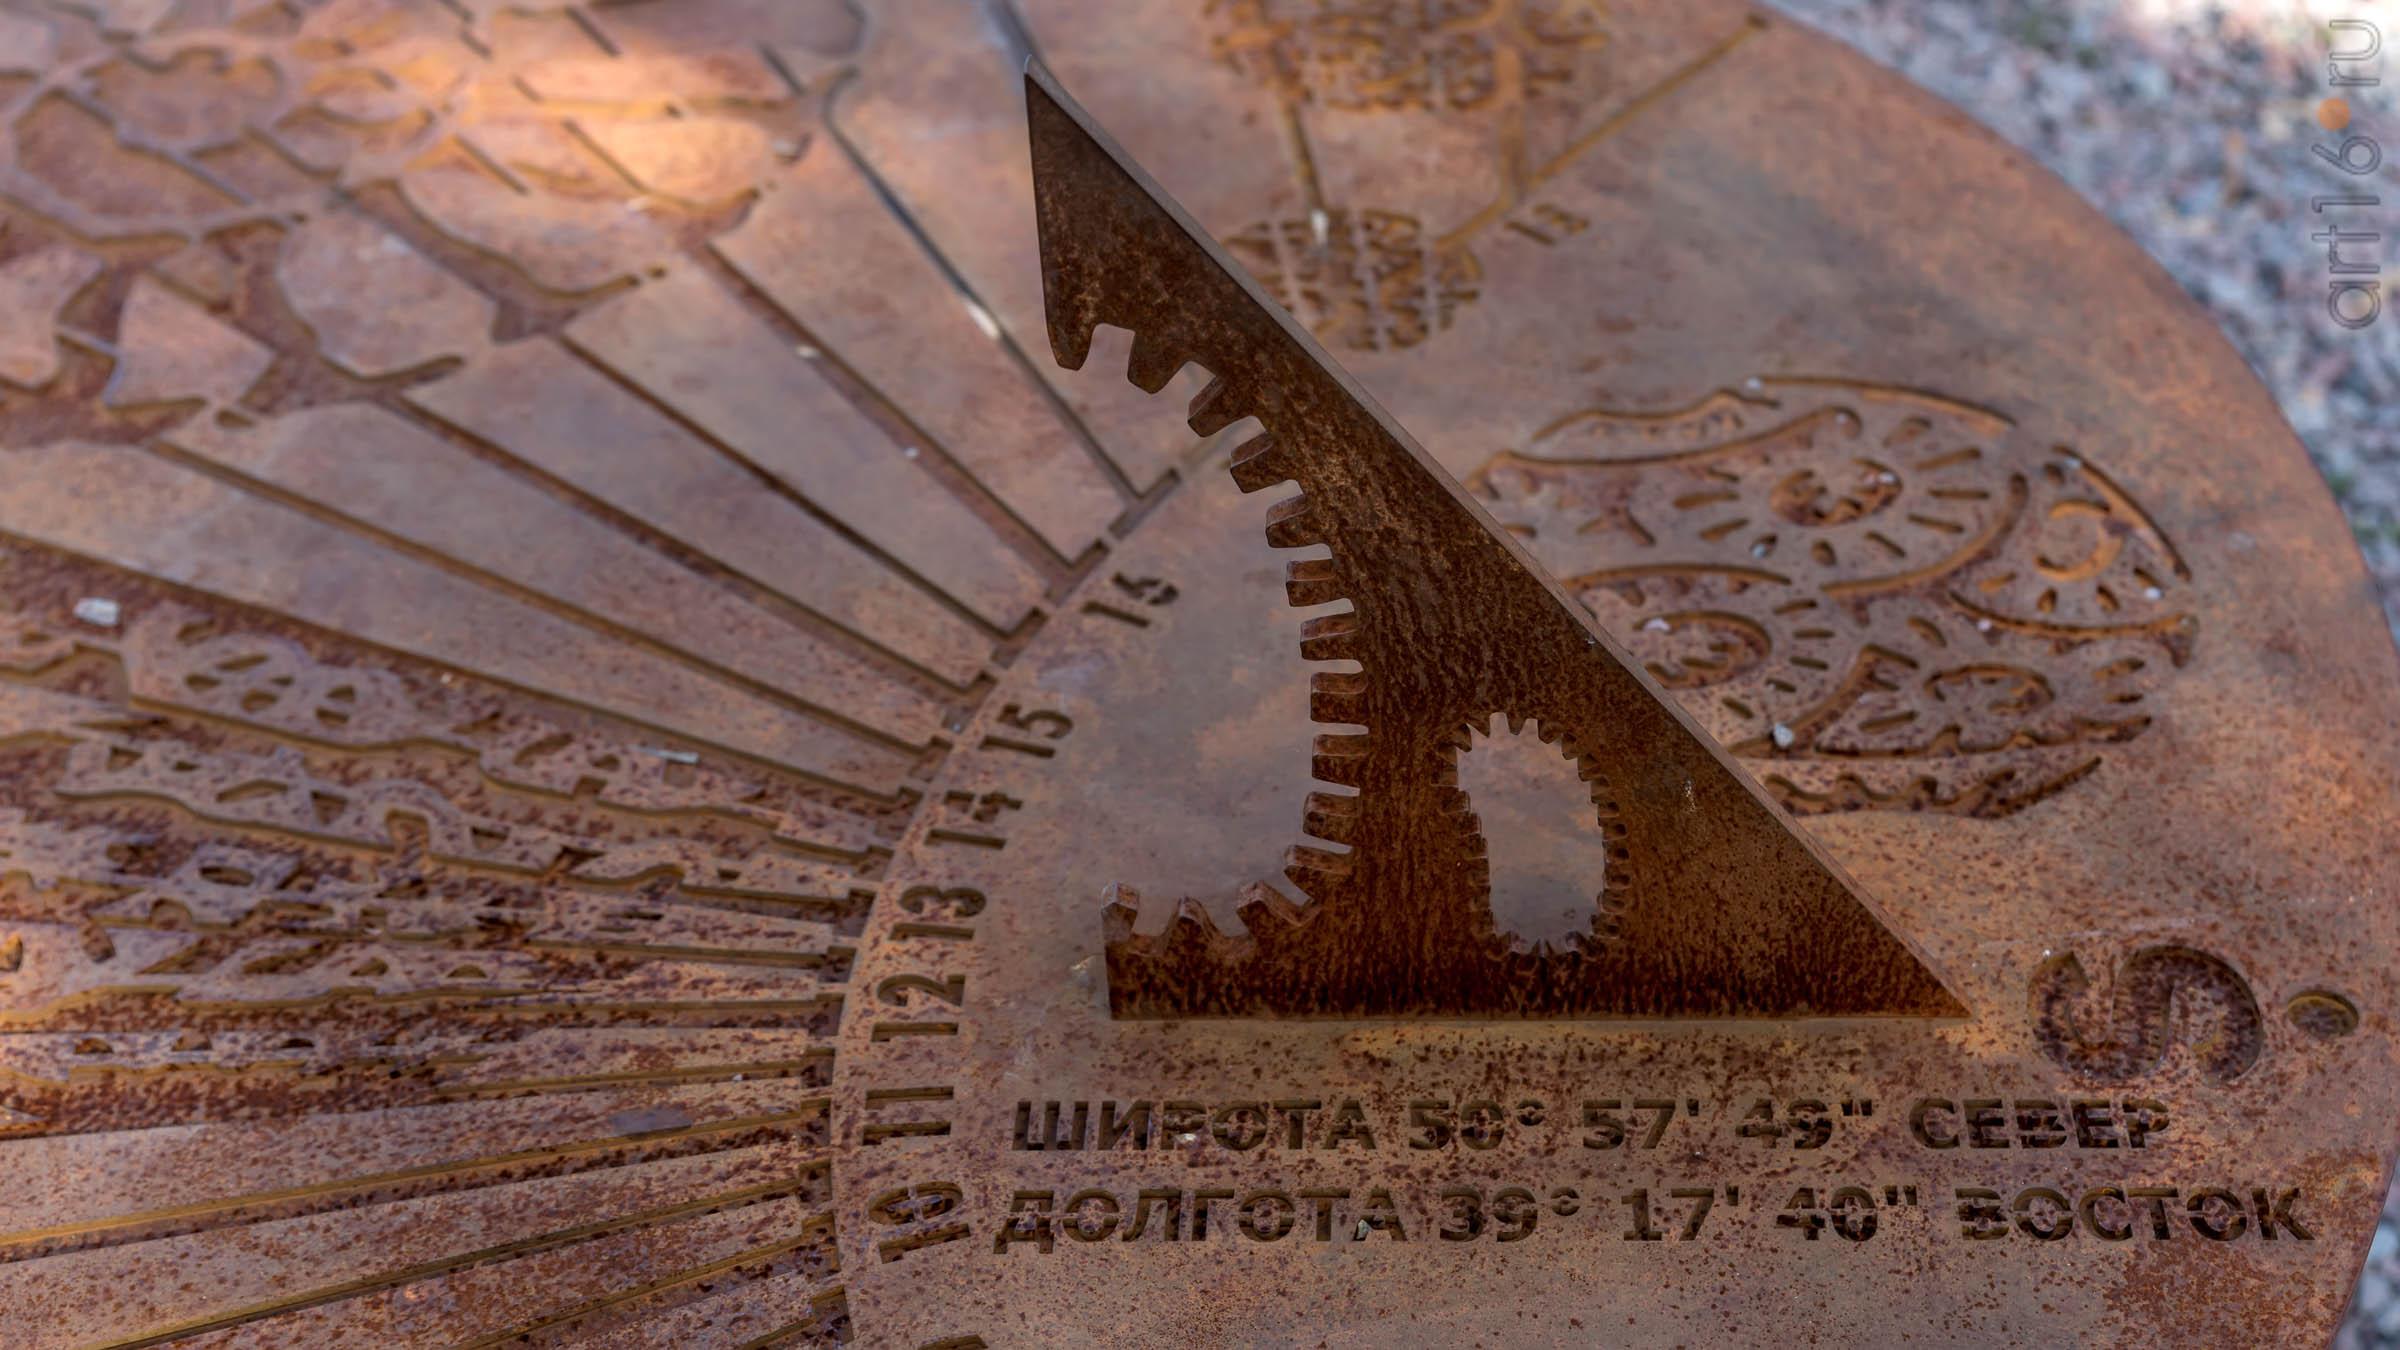 Фрагмент геолого-палеонтологической экспозиции МЗ ʺДивногорьеʺ. Координаты места::Дивногорье. 2017 сентябрь